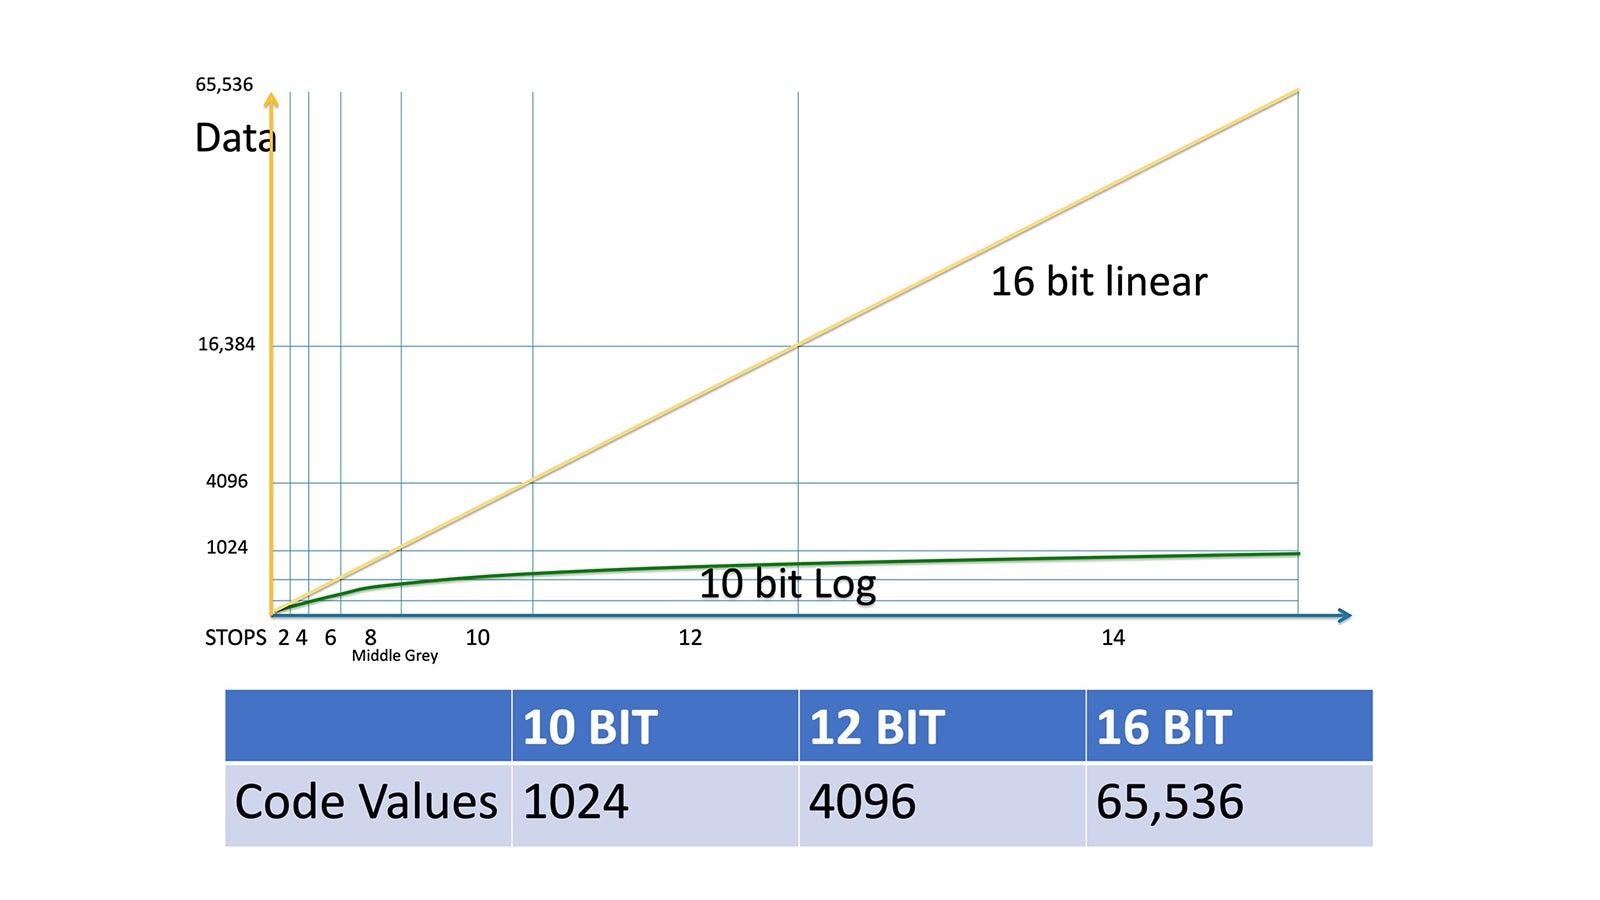 16bit-v-10-bit-log-1600-2.jpg